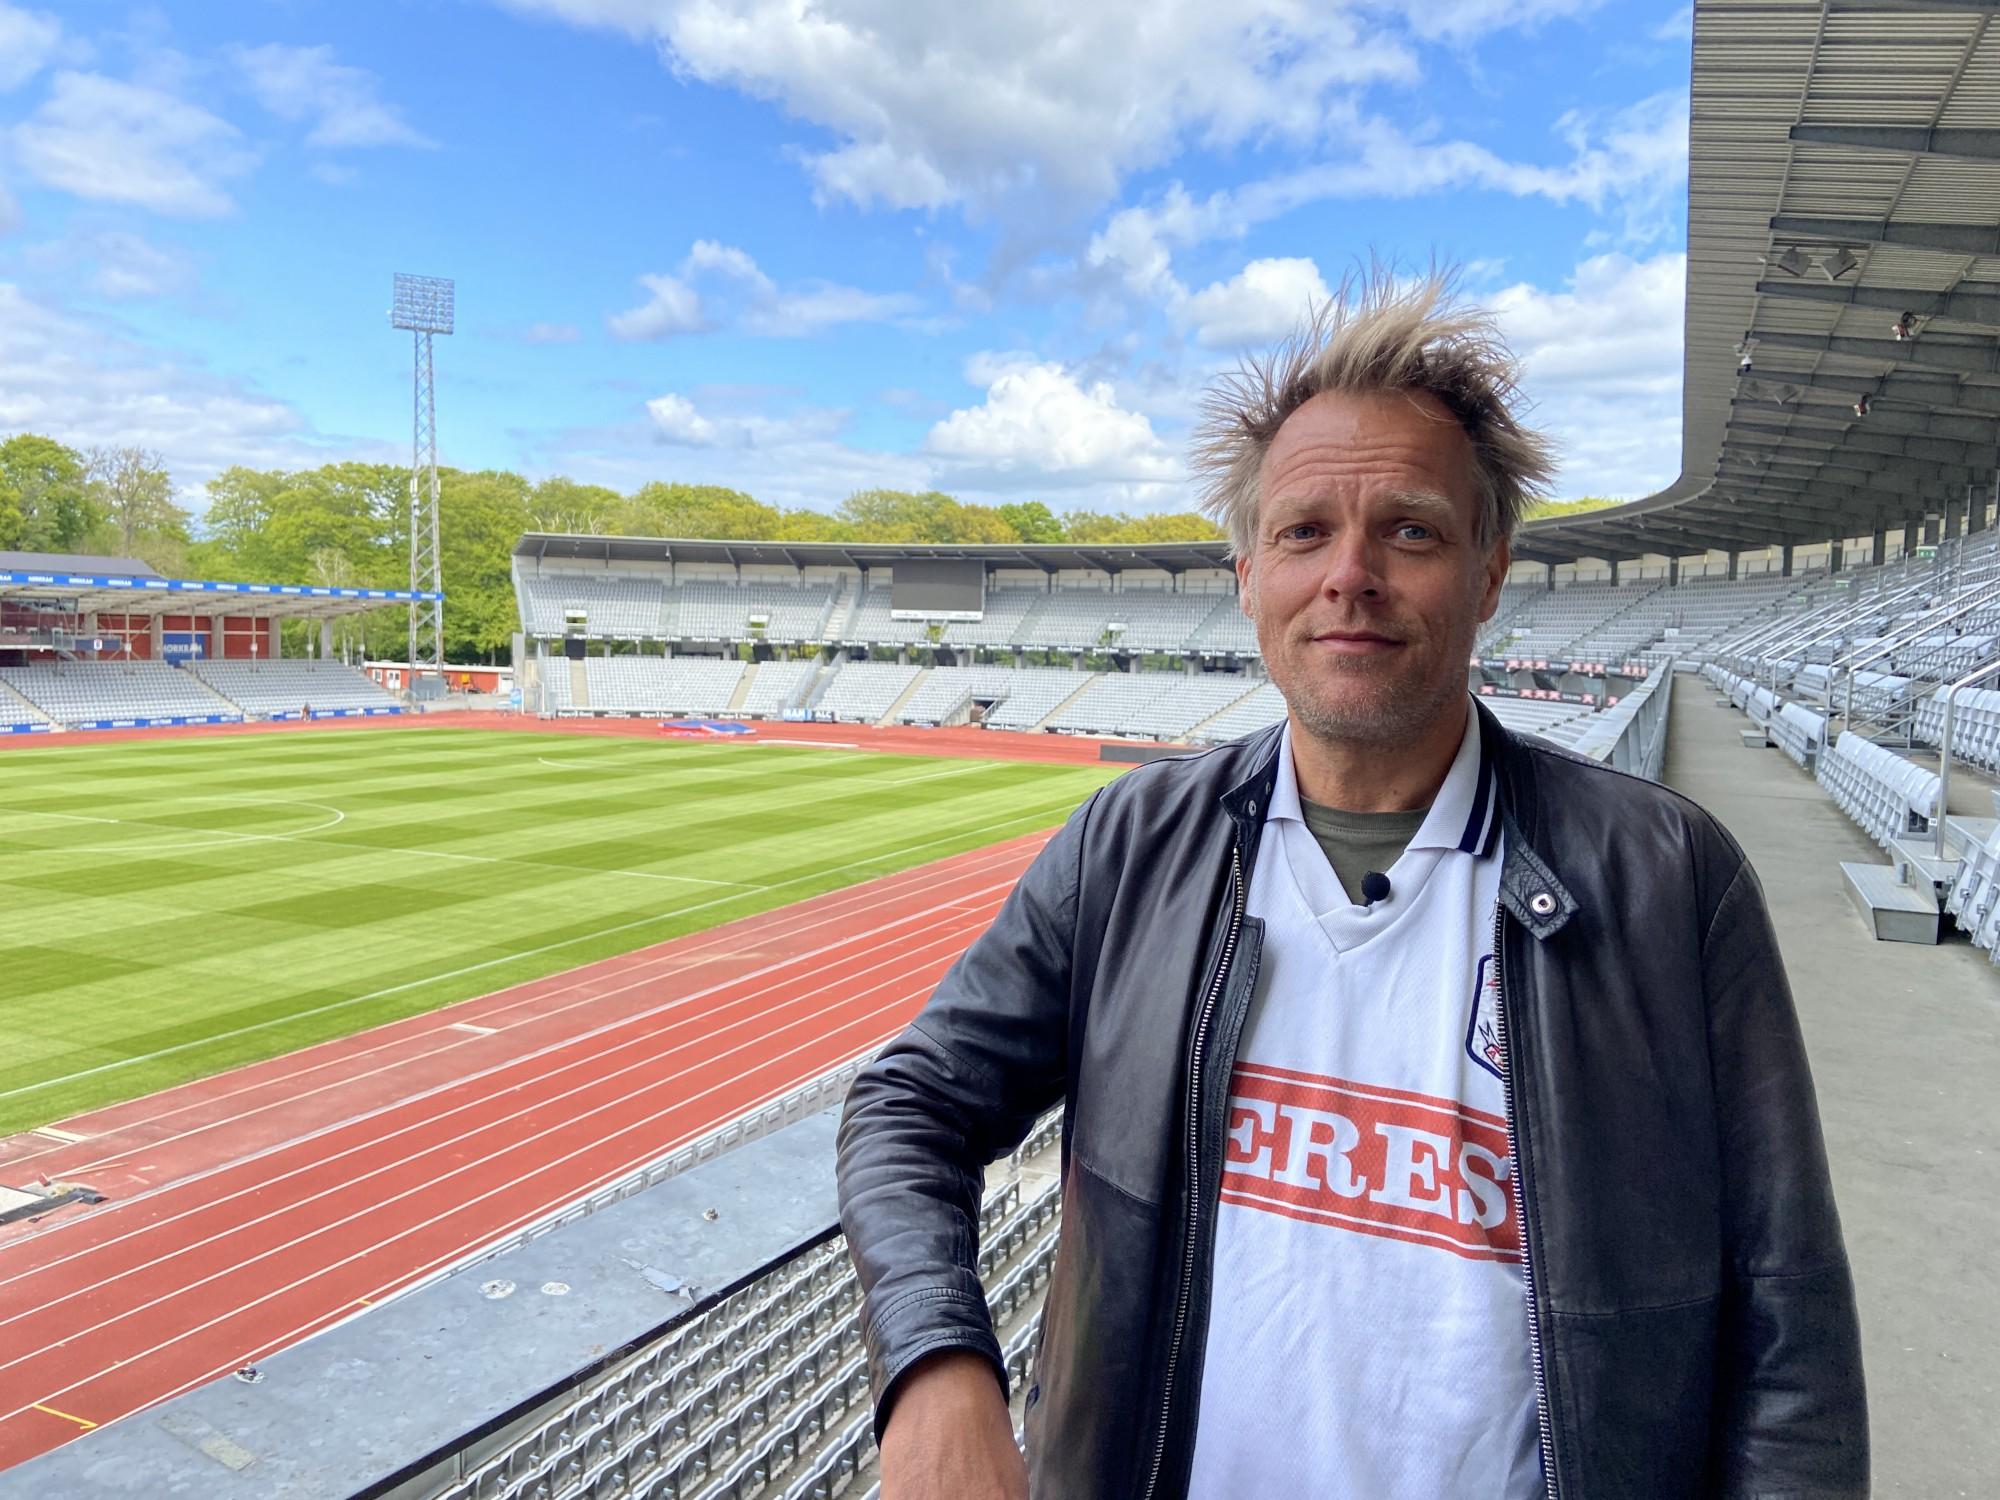 Regeringen prioriterer Superliga uden tilskuere, men Mads føler, at han som fan svigter sit hold